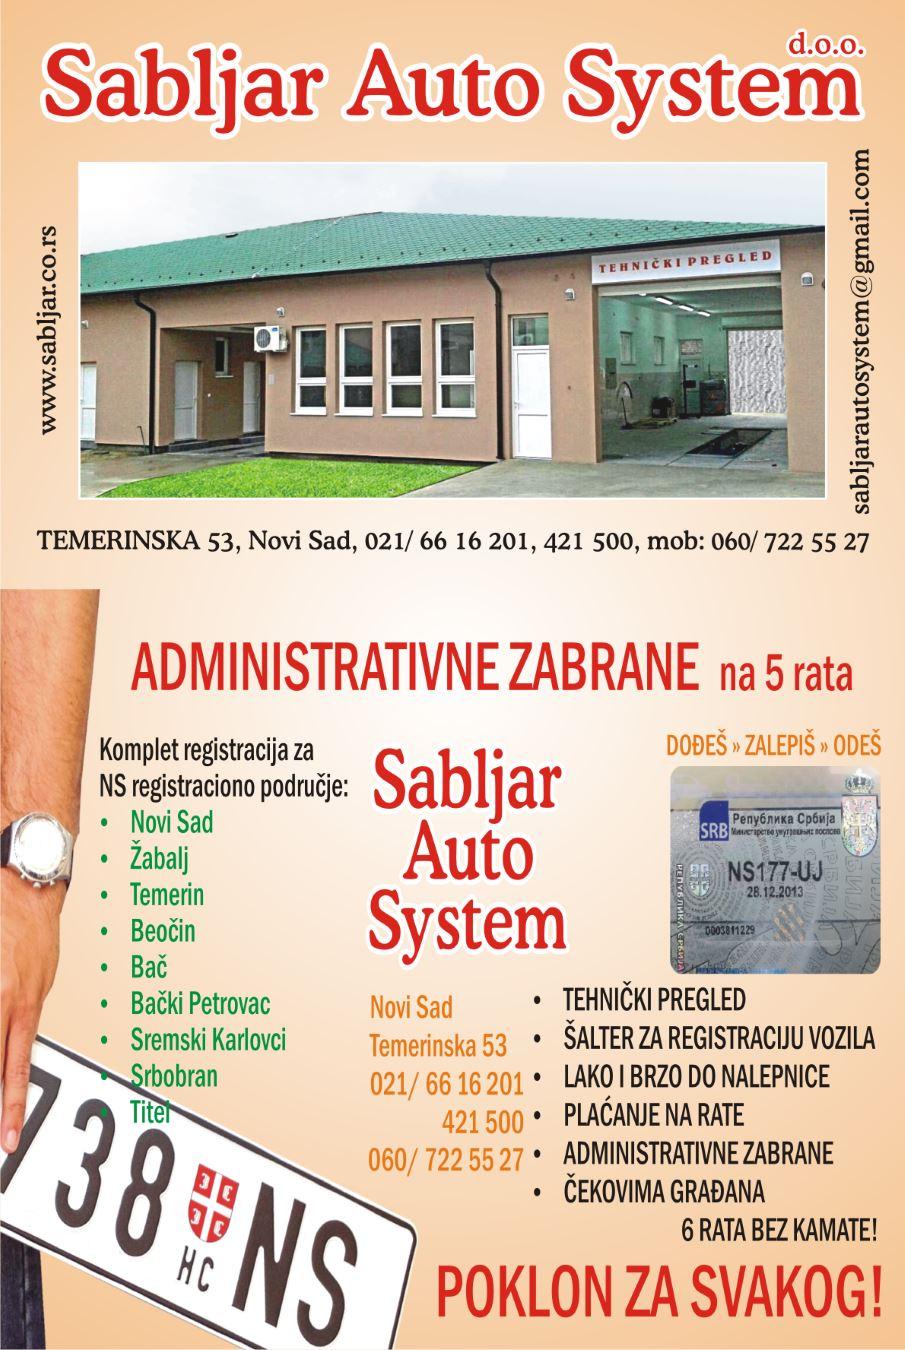 sabljar-plakat